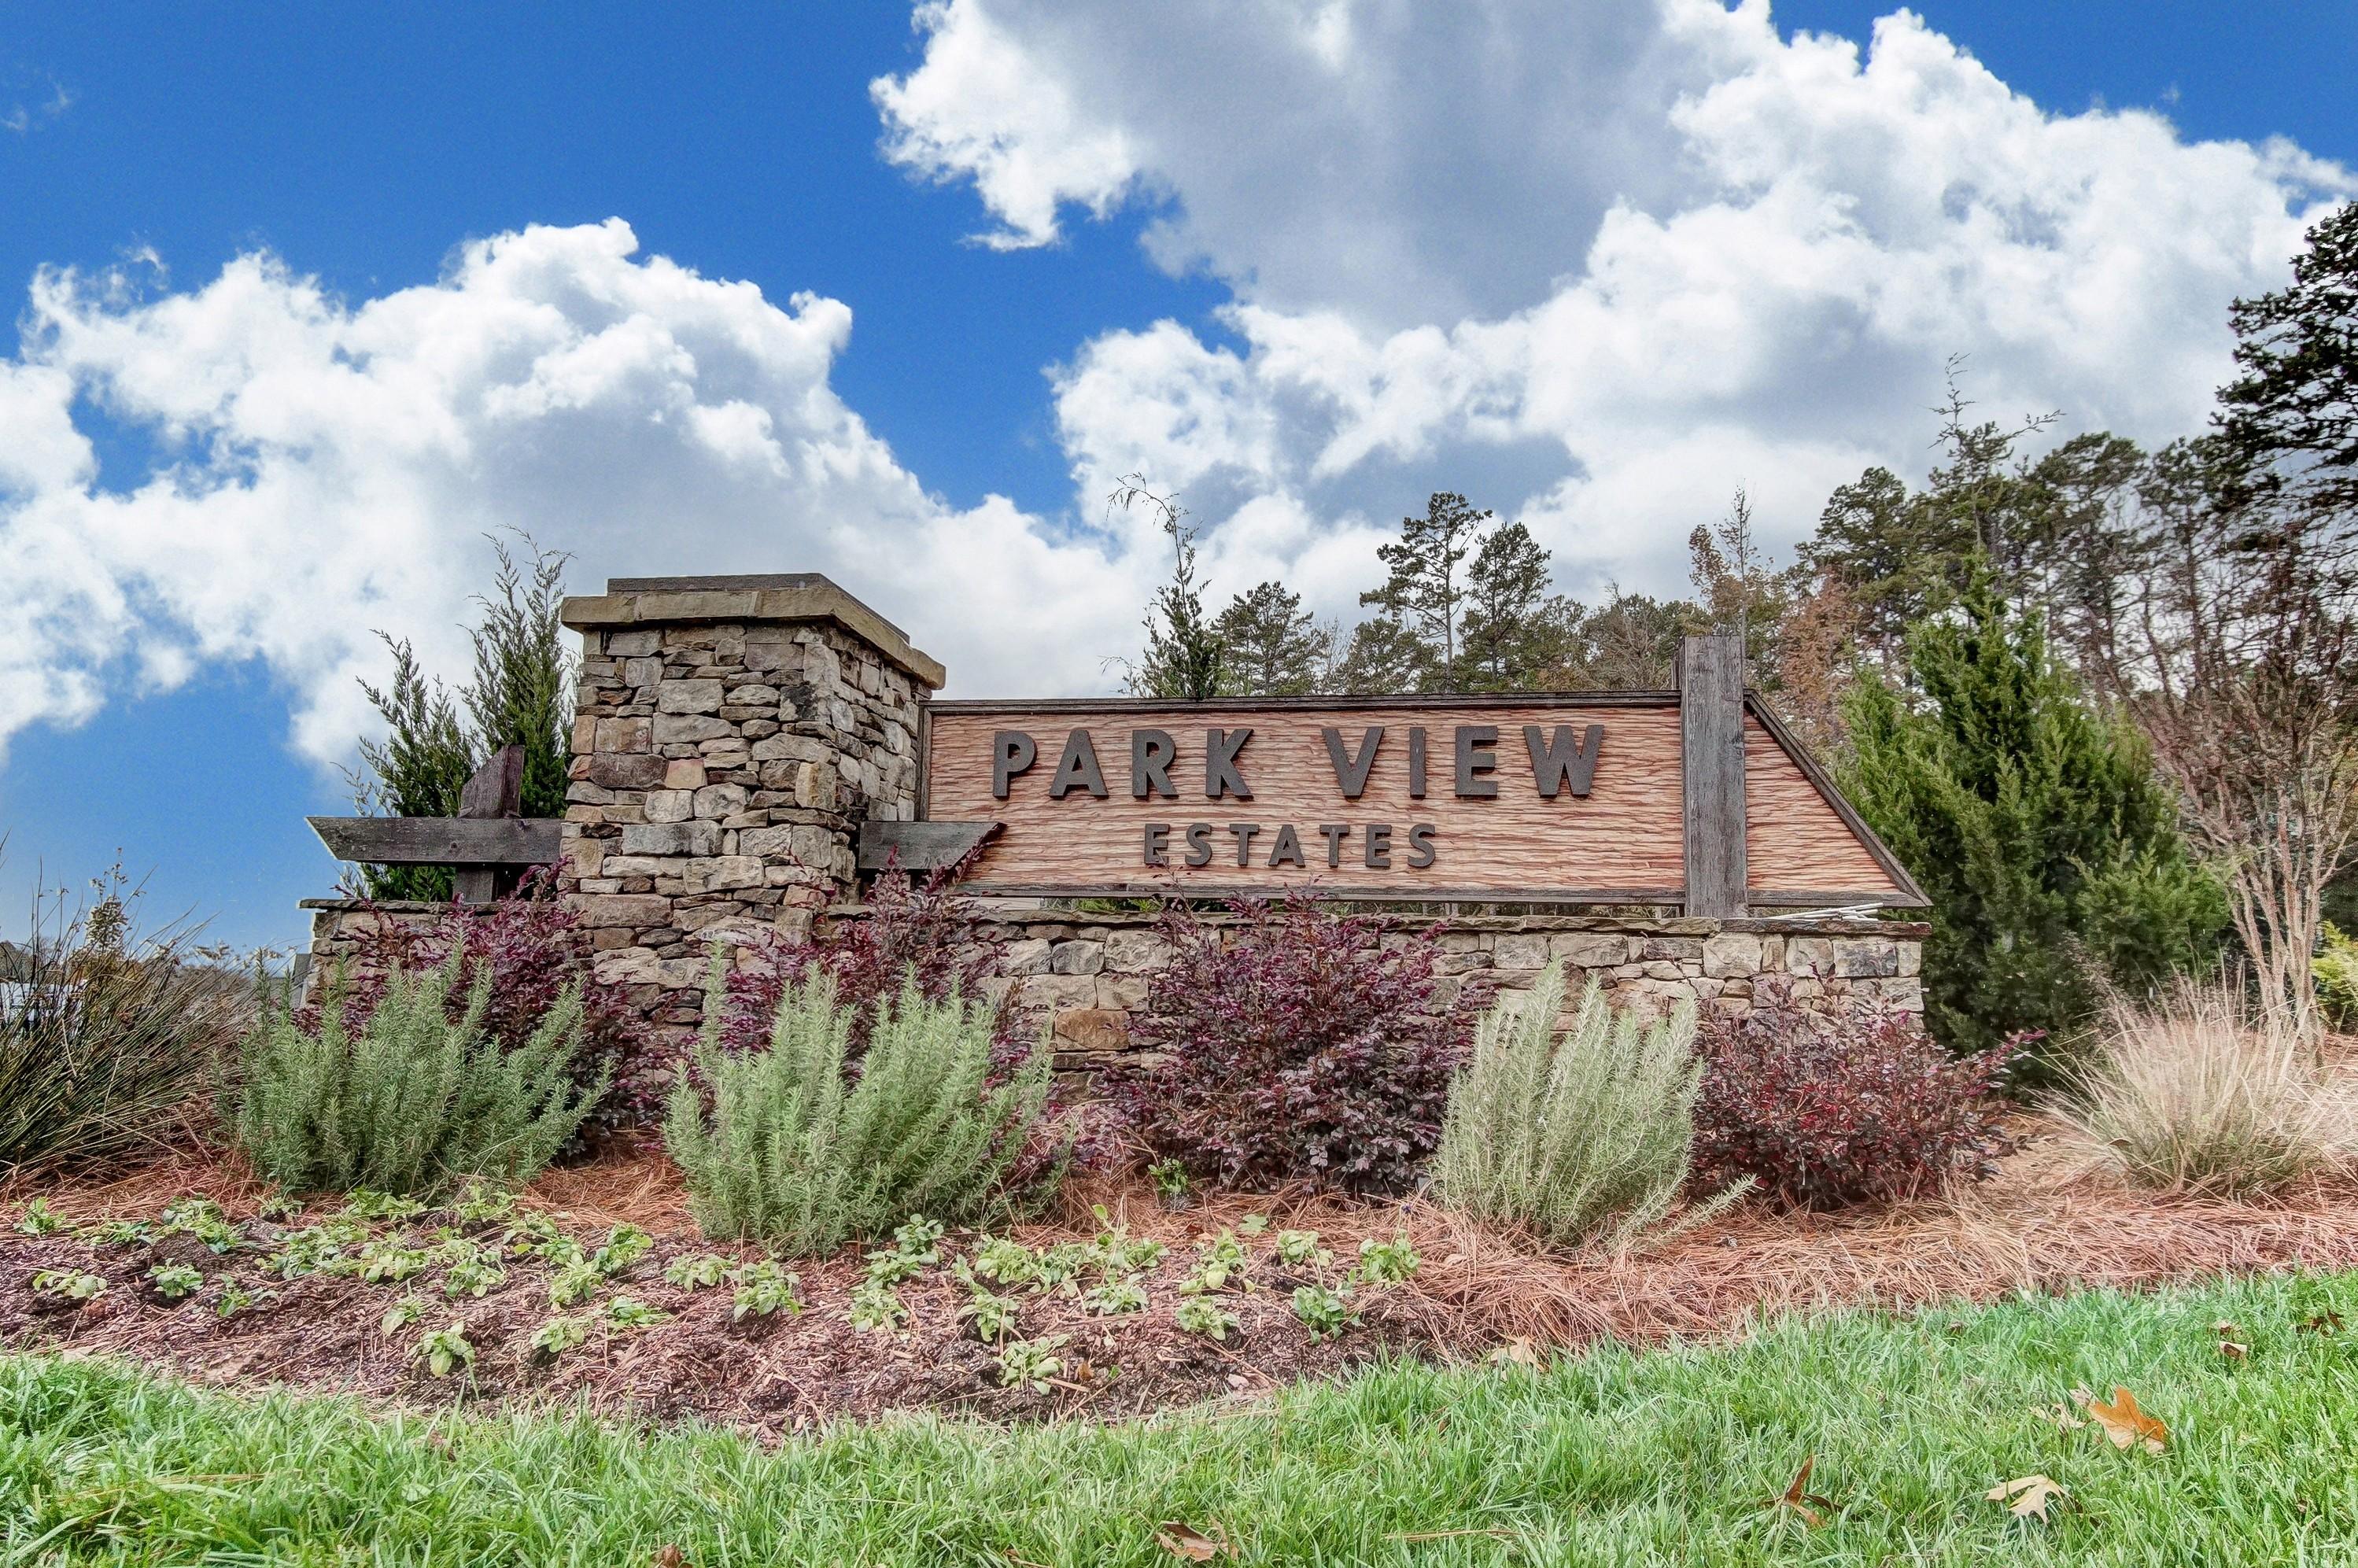 Parkview Estates